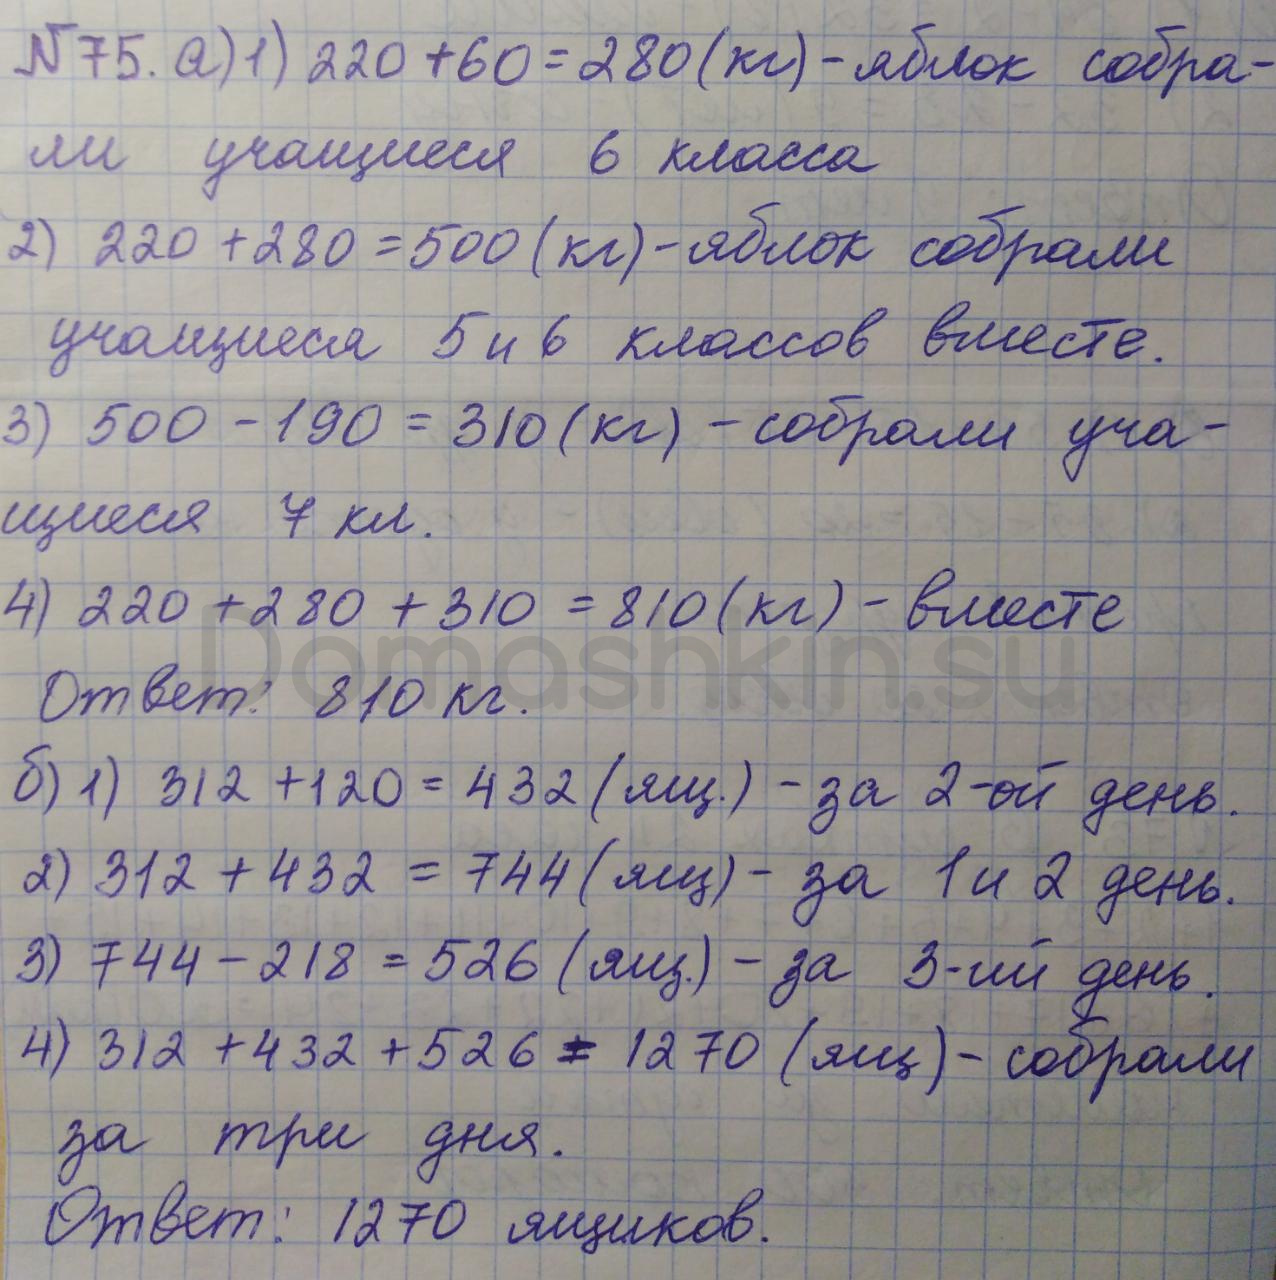 Математика 5 класс учебник Никольский номер 75 решение